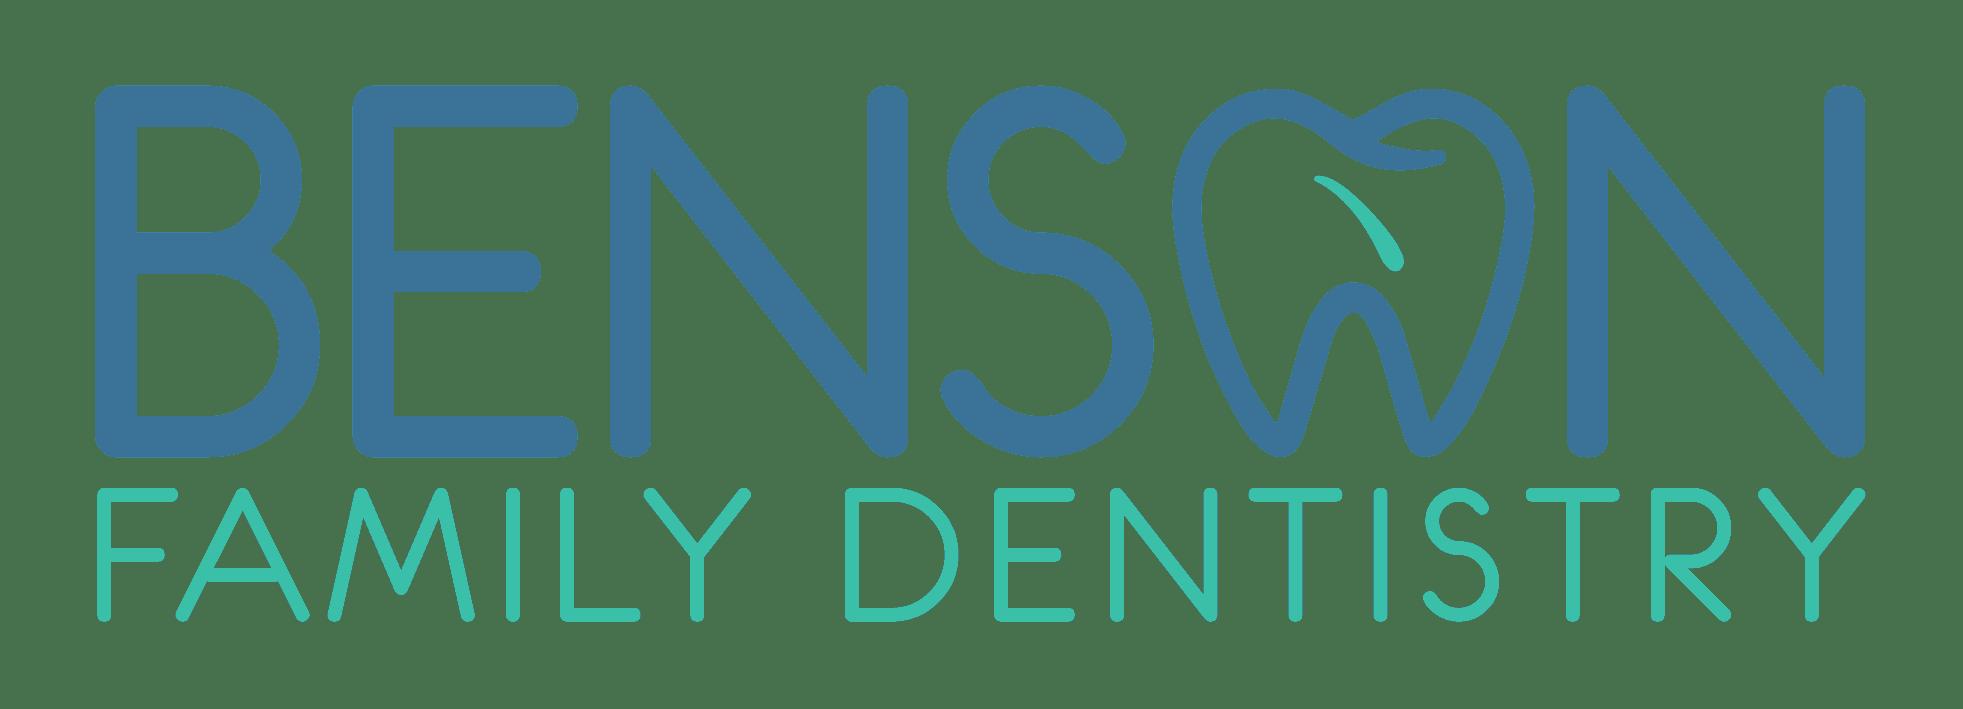 Benson Family Dentistry